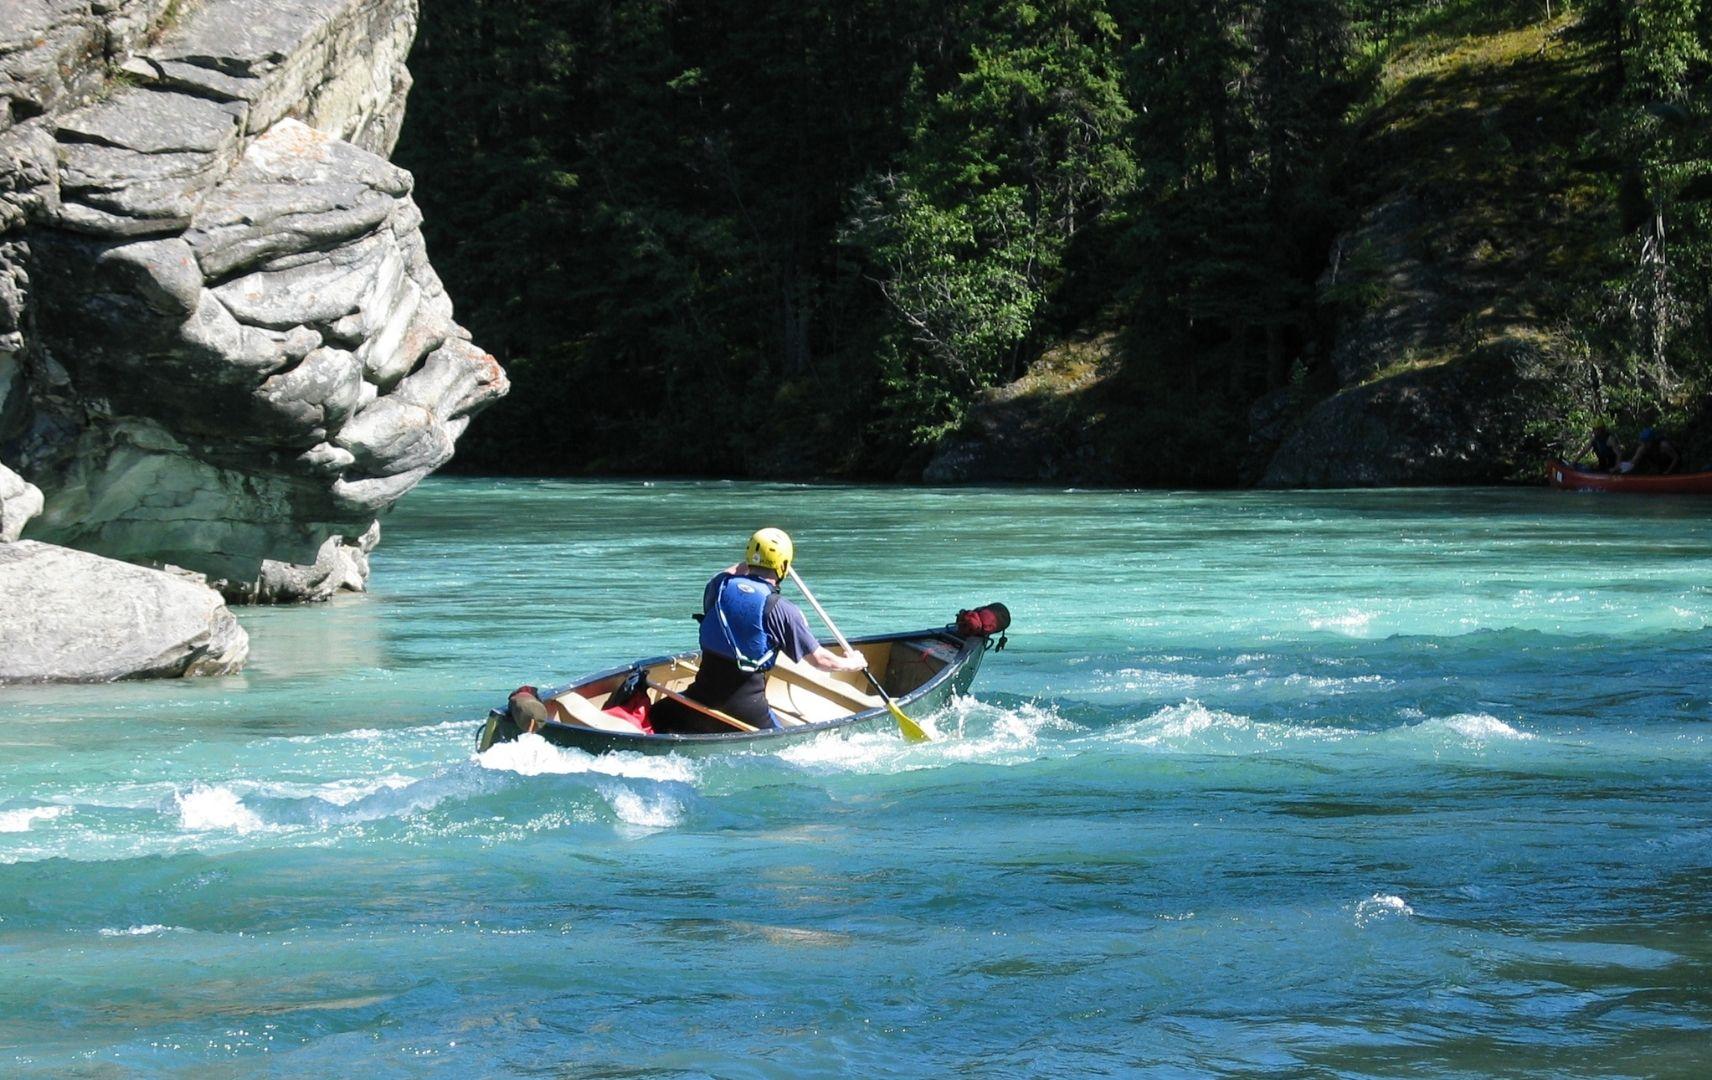 Reiseziel Schweiz - Kanufahrer